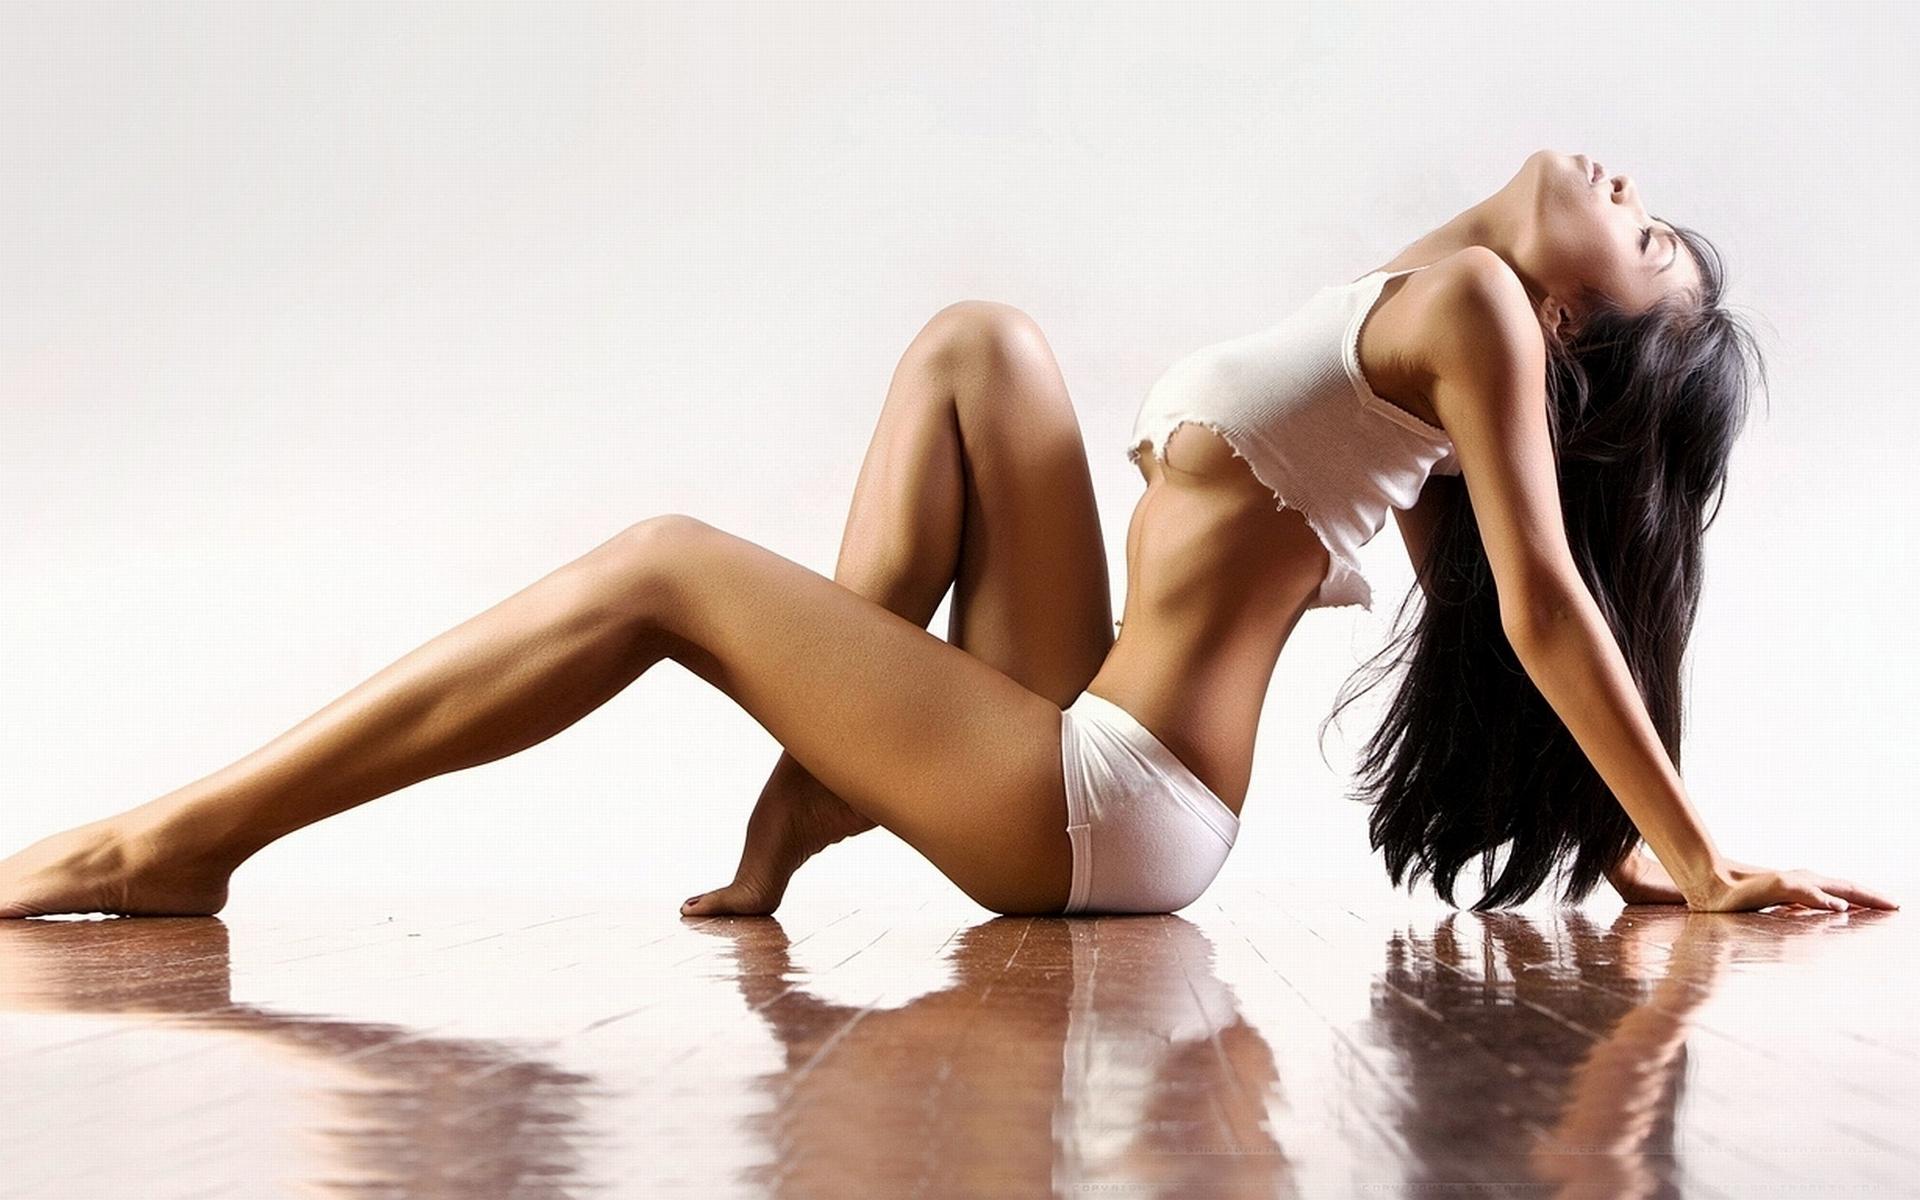 Сексапильные модели оголили идеальные тела  146751